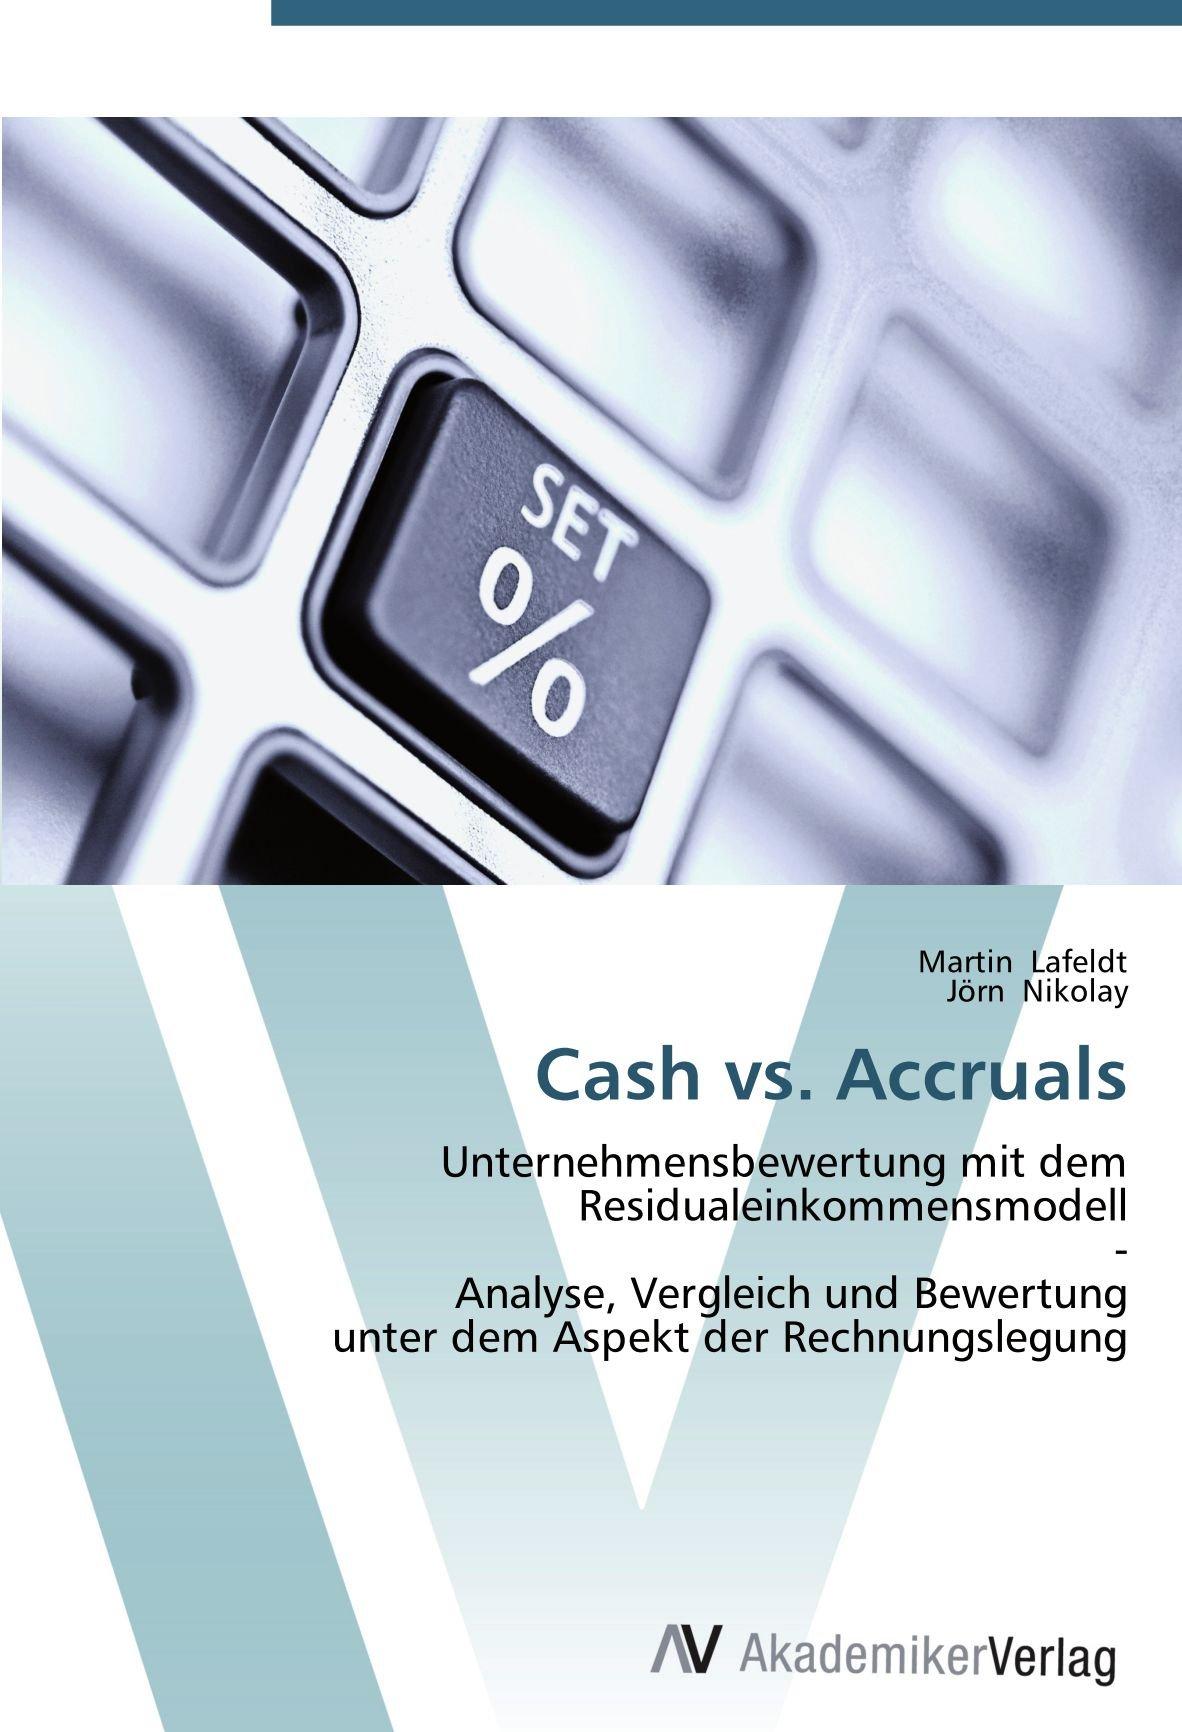 Cash vs. Accruals: Unternehmensbewertung mit dem Residualeinkommensmodell  -  Analyse, Vergleich und Bewertung  unter dem Aspekt der Rechnungslegung (German Edition) pdf